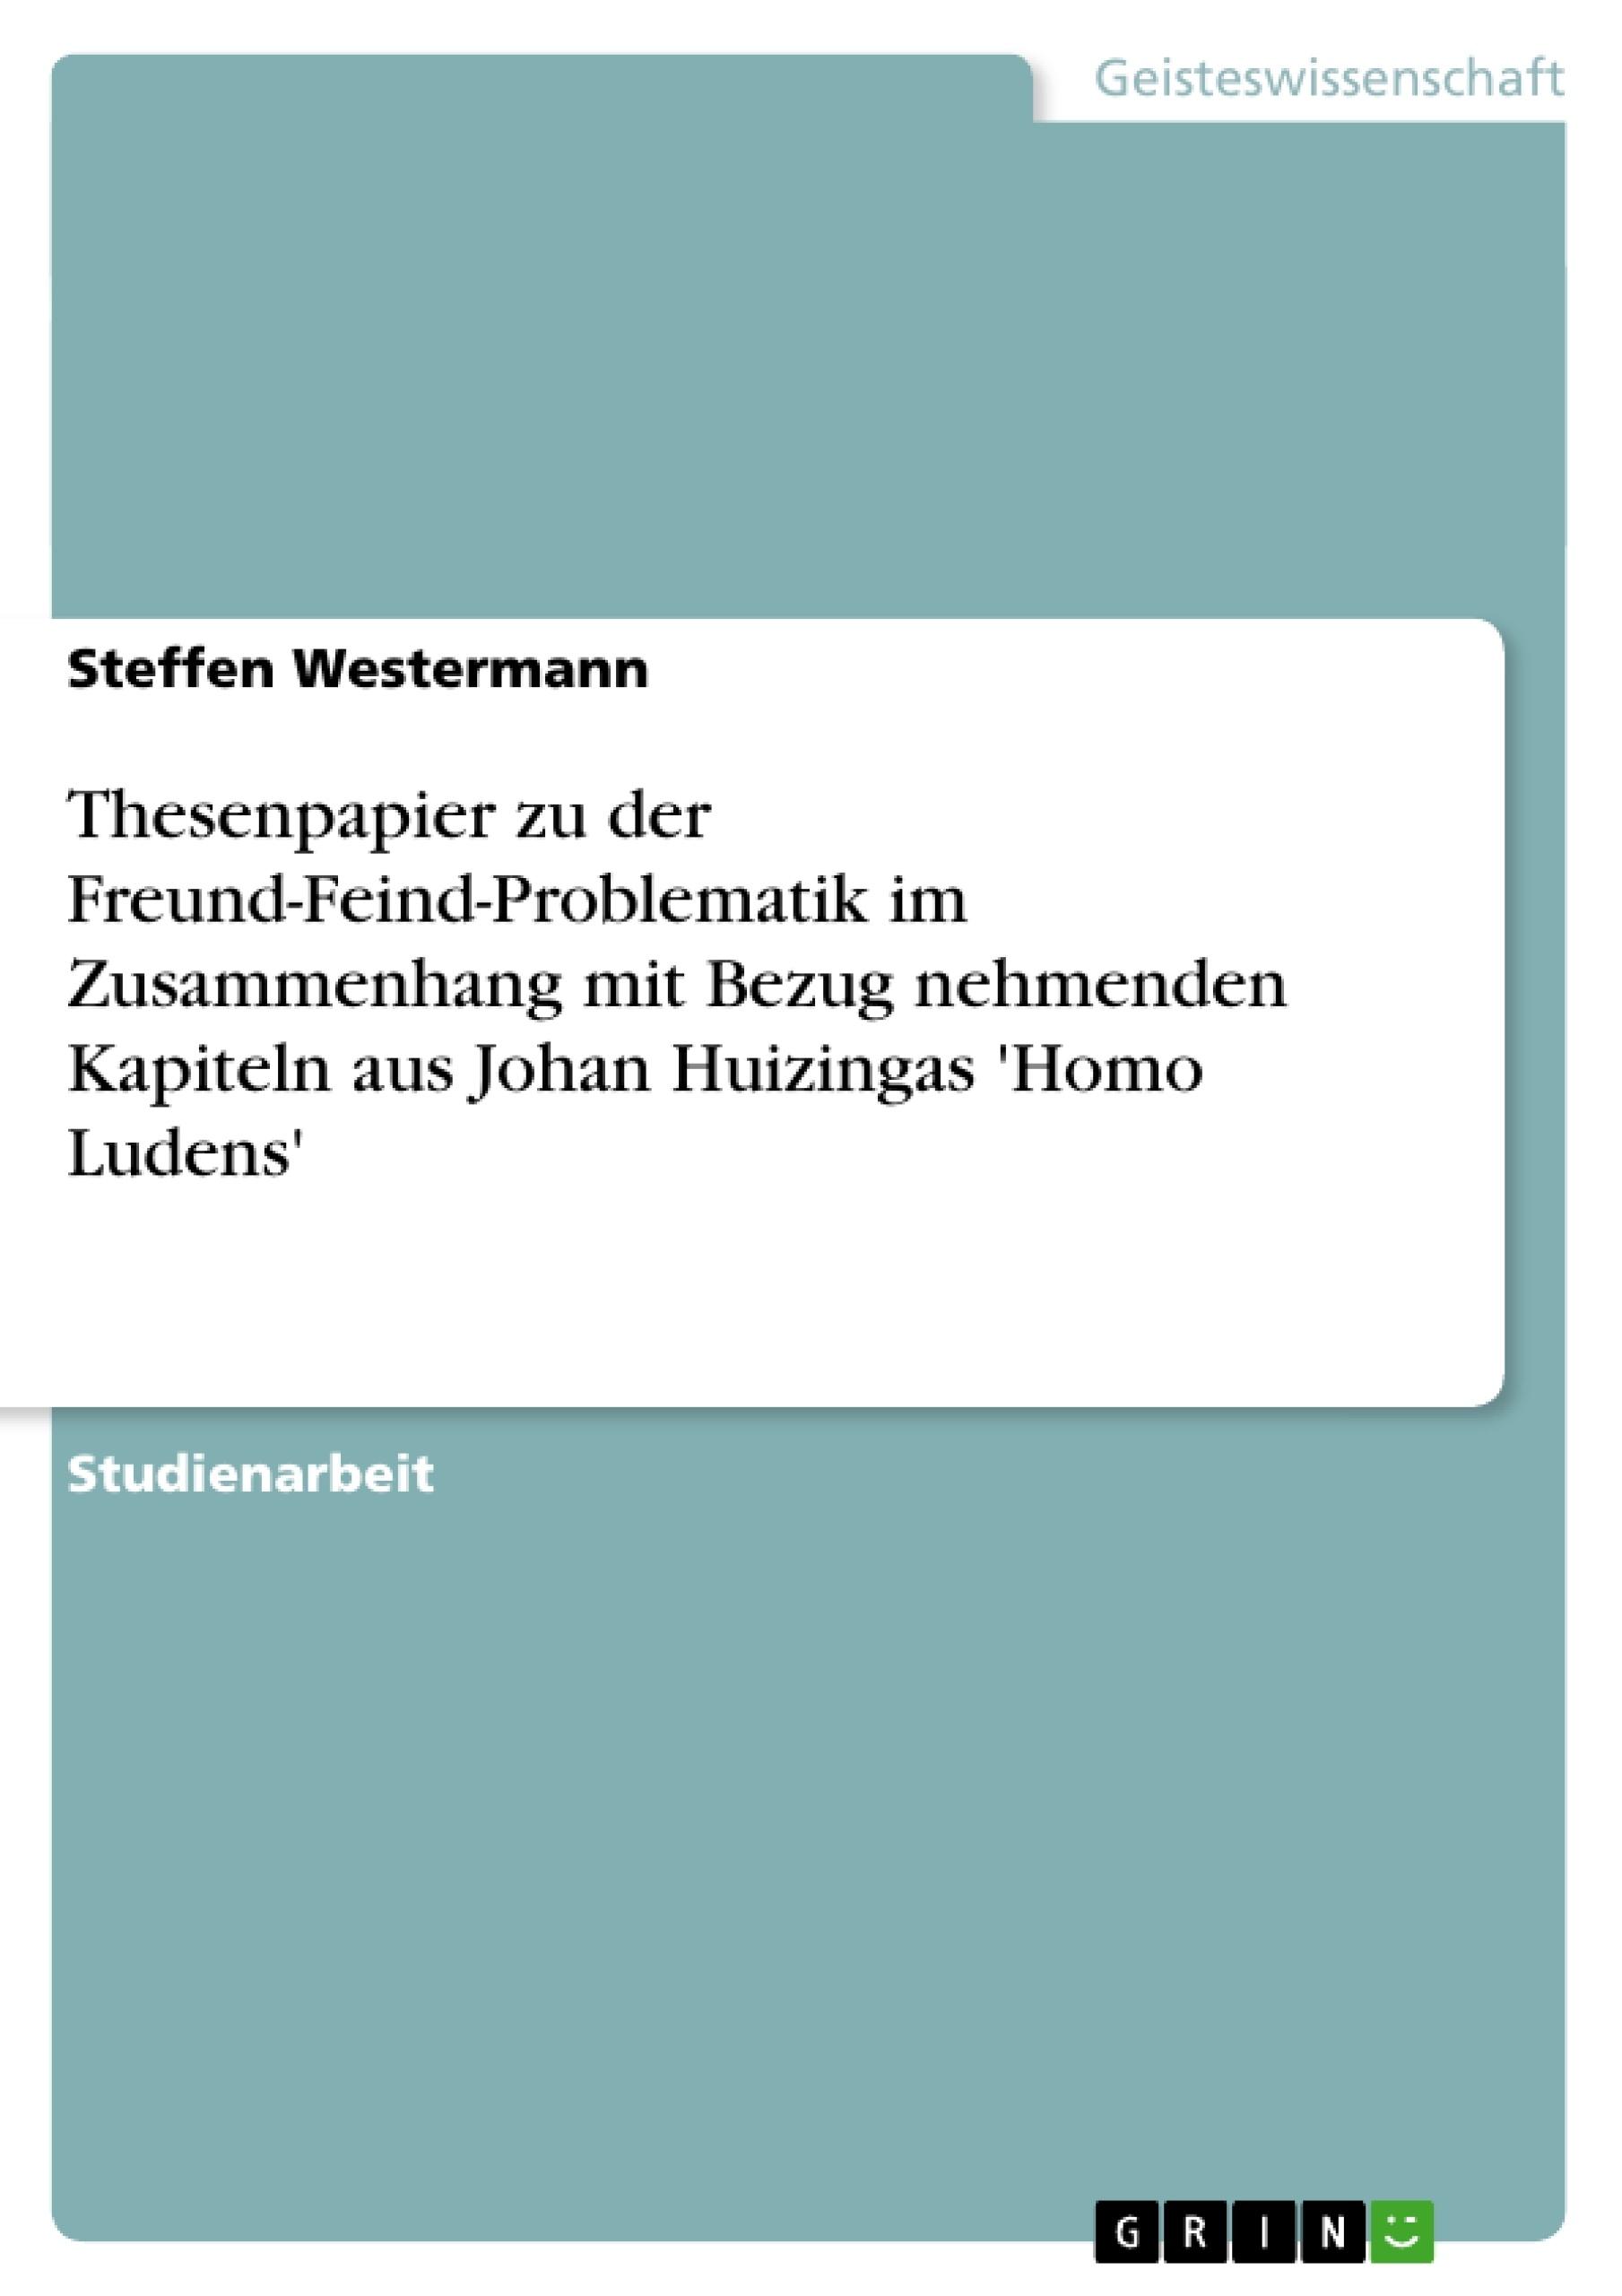 Titel: Thesenpapier zu der Freund-Feind-Problematik im Zusammenhang mit Bezug nehmenden Kapiteln aus Johan Huizingas 'Homo Ludens'